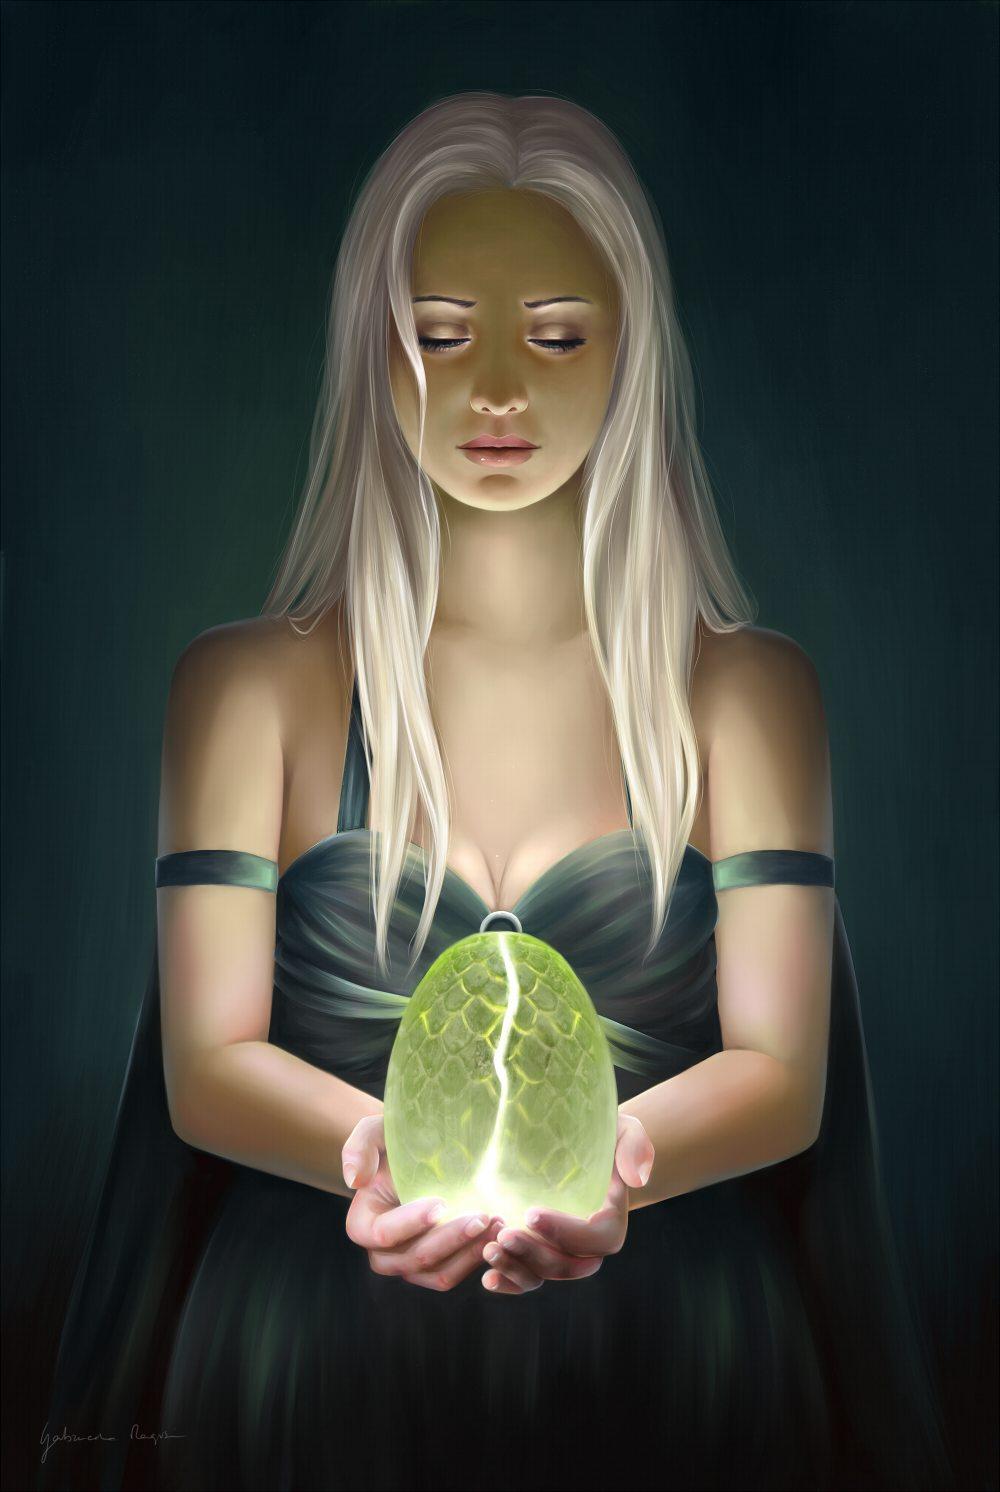 Khaleesi s bliss by Gabrielle Ragusi